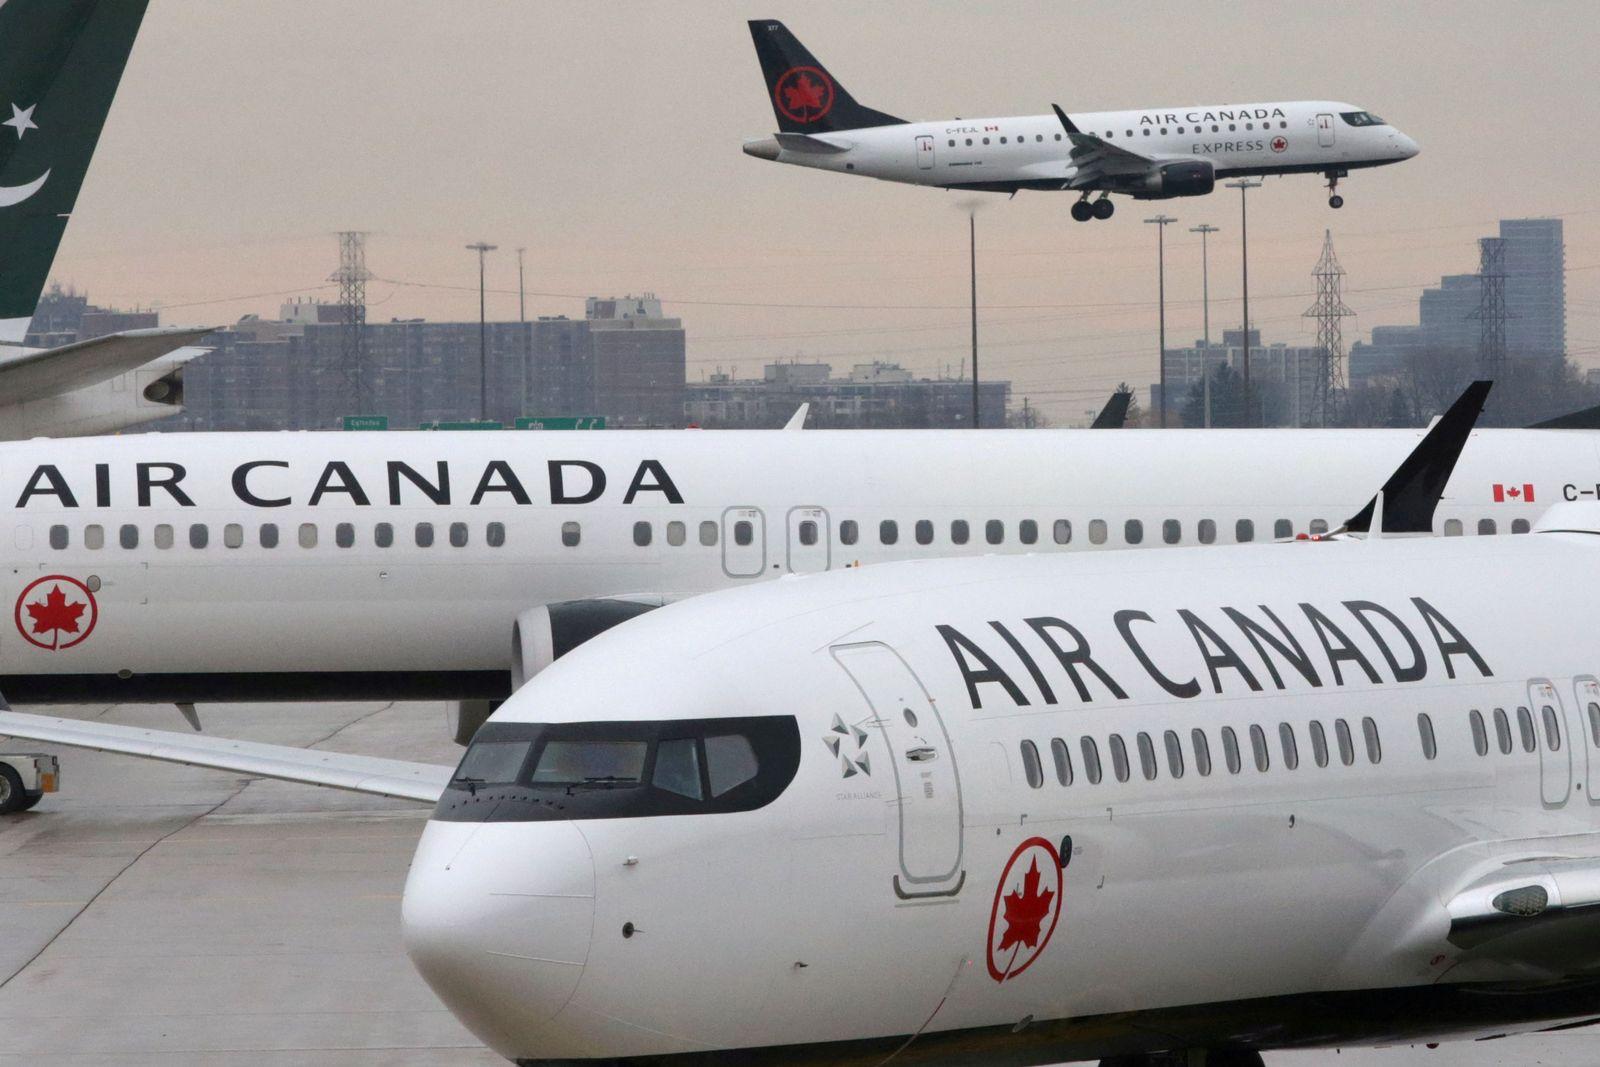 ETHIOPIA-AIRPLANE/CANADA-LABOR